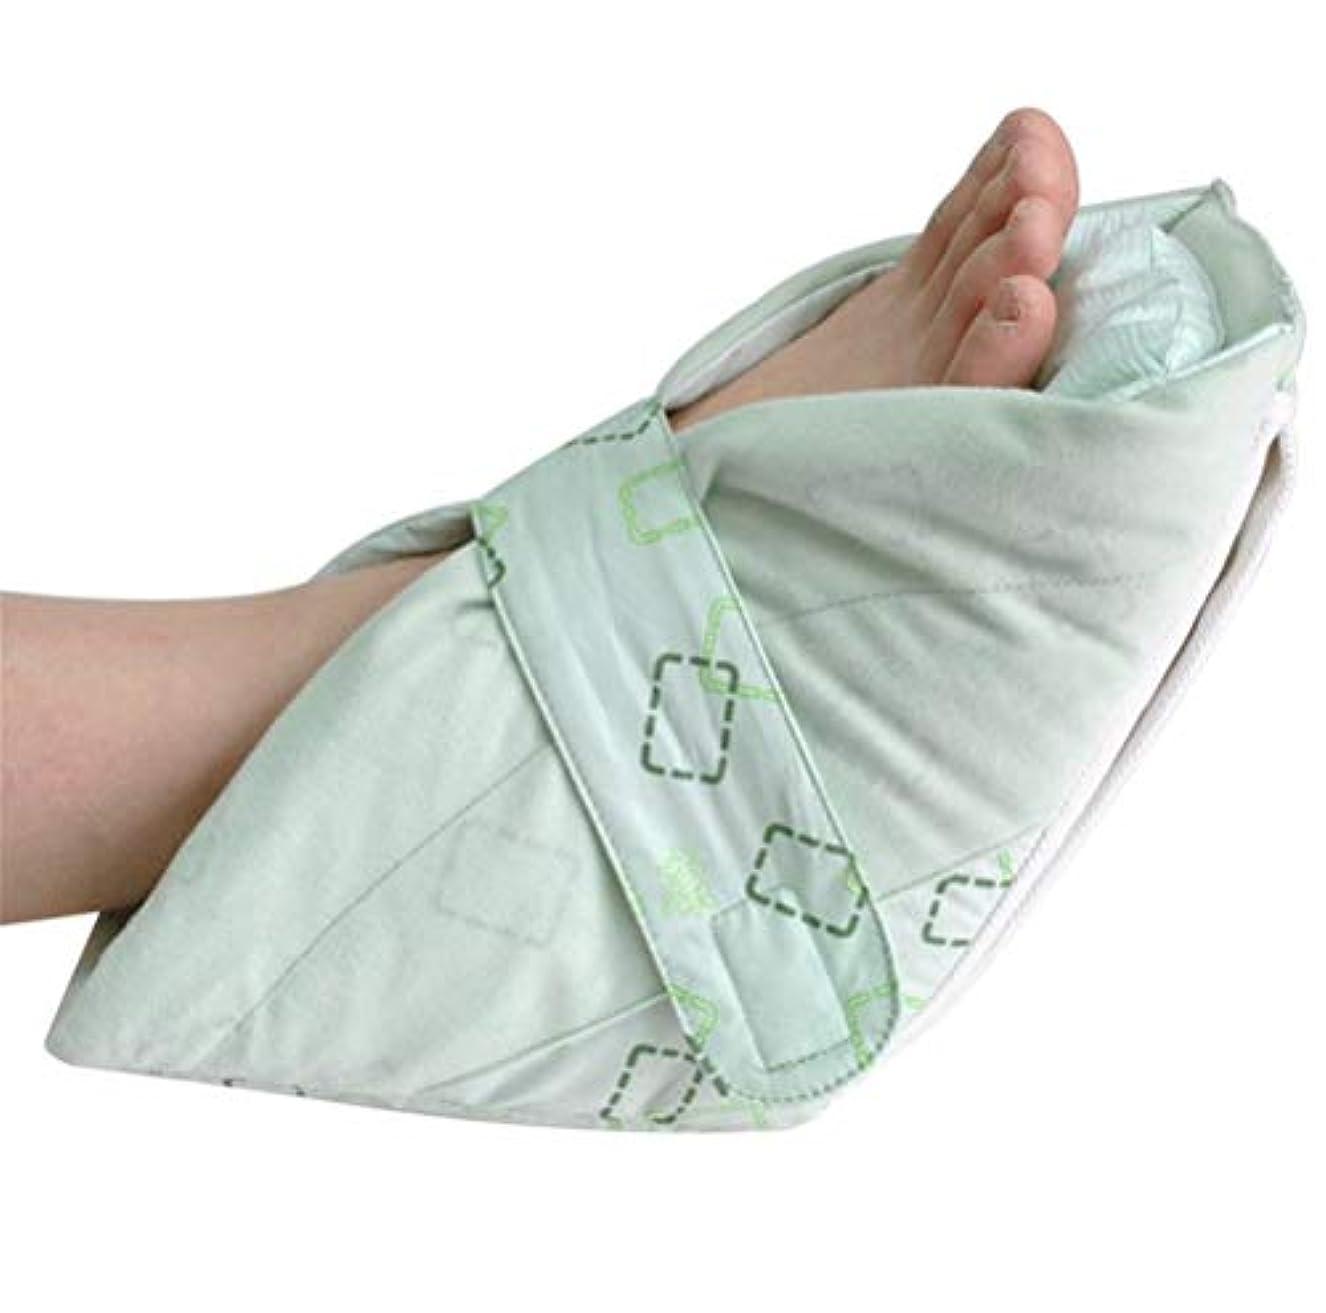 通り早く大使ヒールプロテクター枕、プレミアム圧力軽減フット補正カバー、極細コットン生地、インナークッションは分離可能、グリーン、1ペア